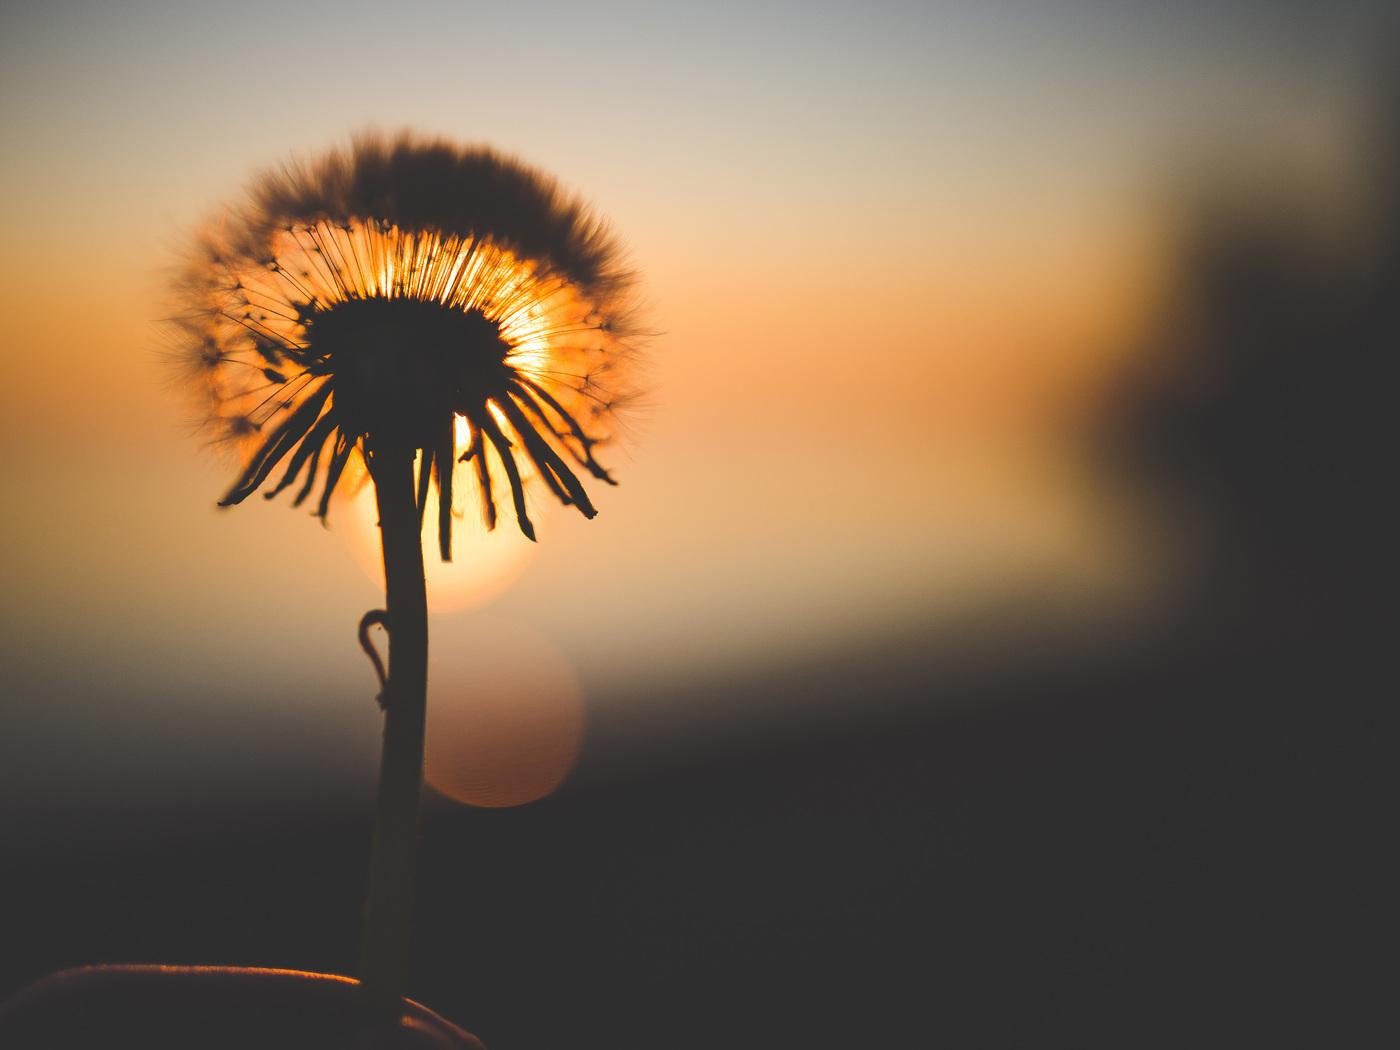 dandelion-flower-behind-sun-nq.jpg